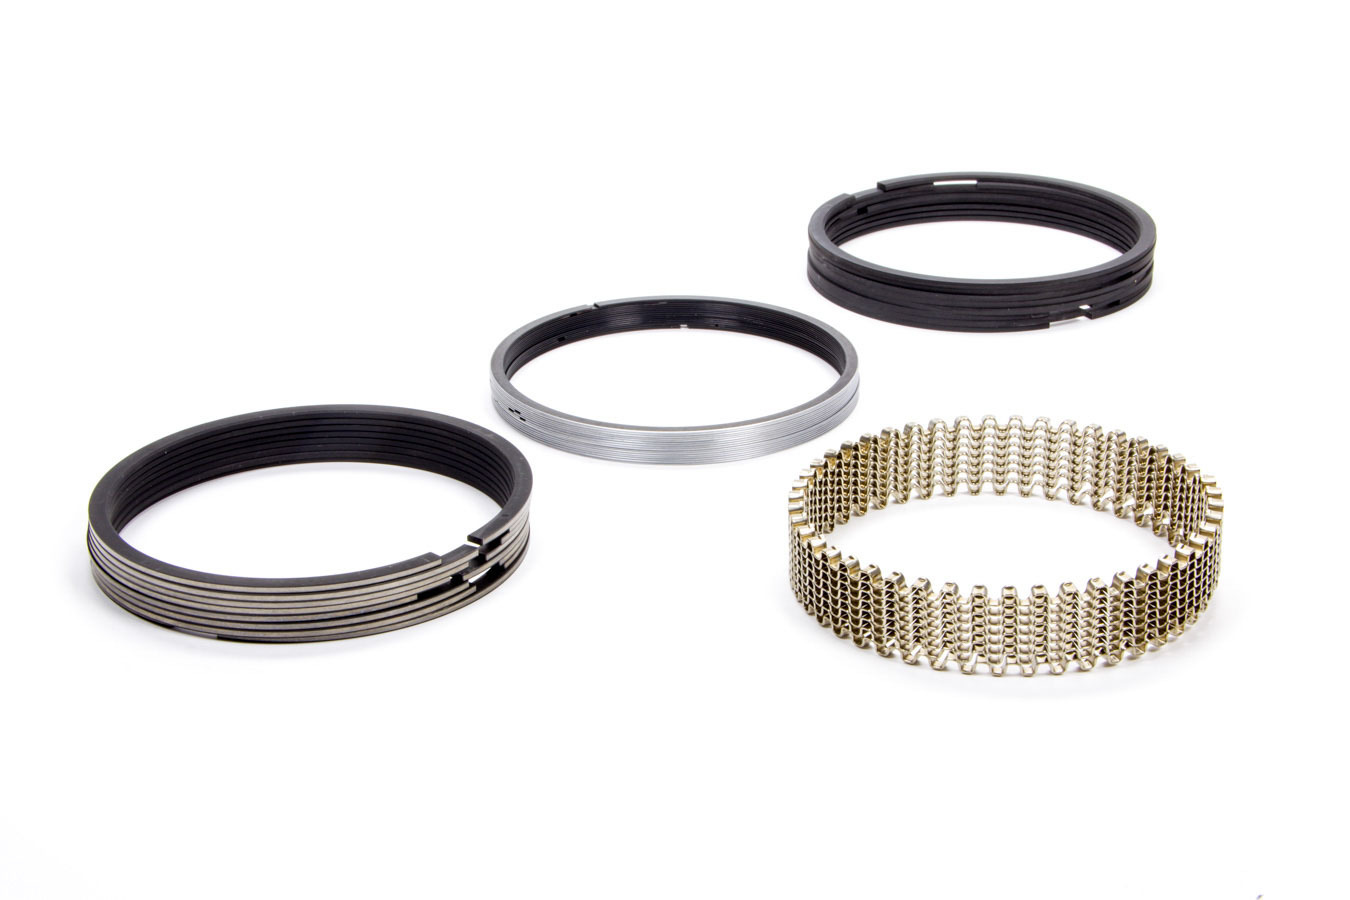 Piston Ring Set 4.125 5/64 5/64 3/16